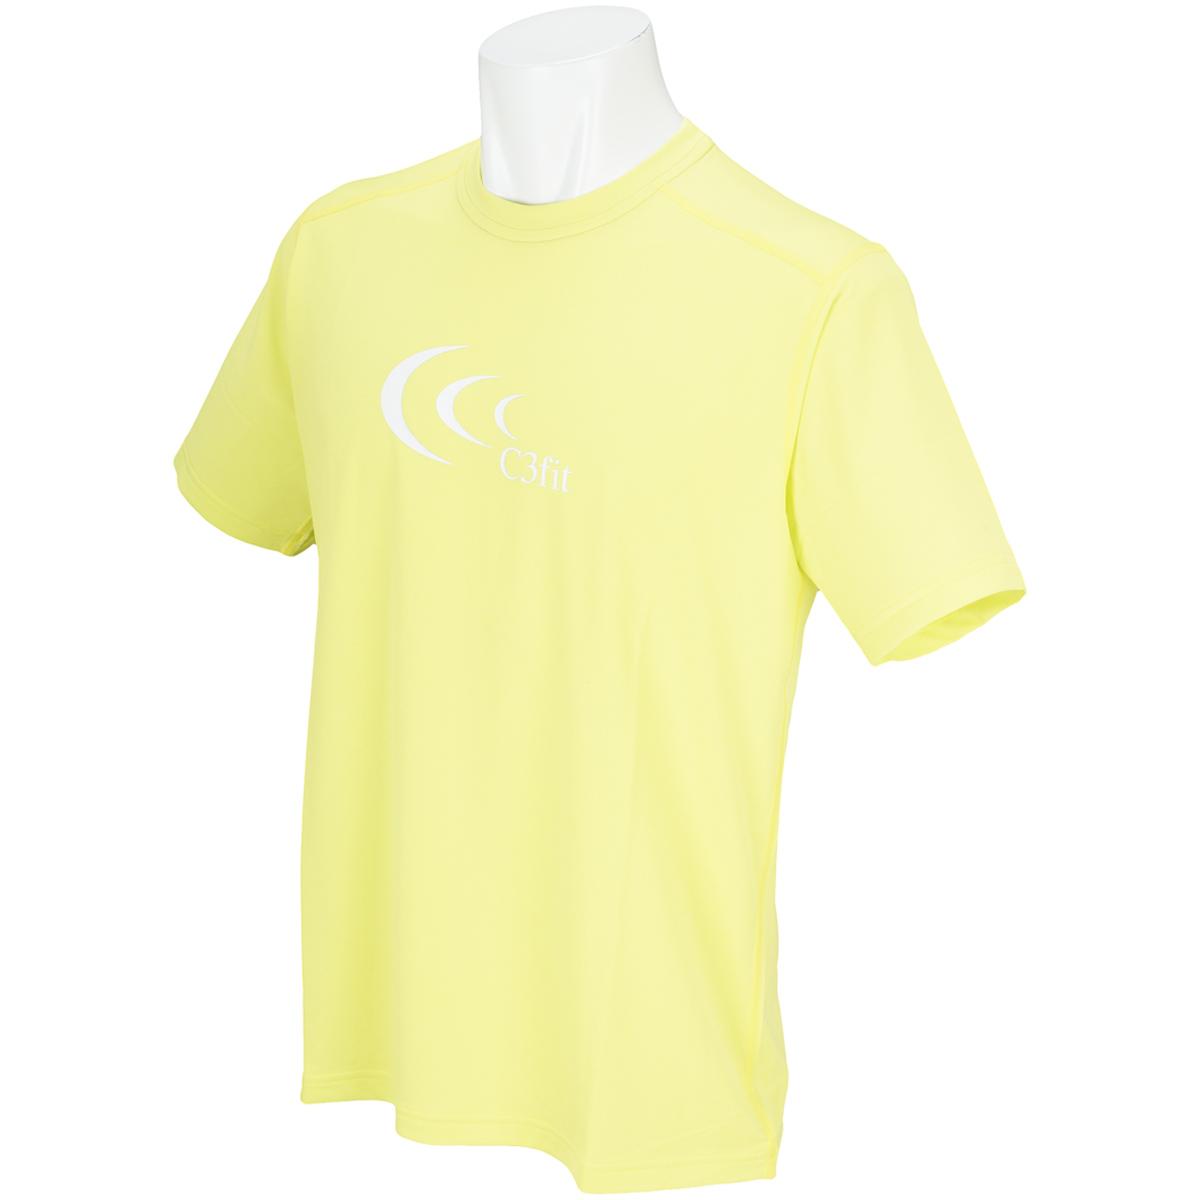 アルファドライビッグロゴ半袖アンダーシャツ